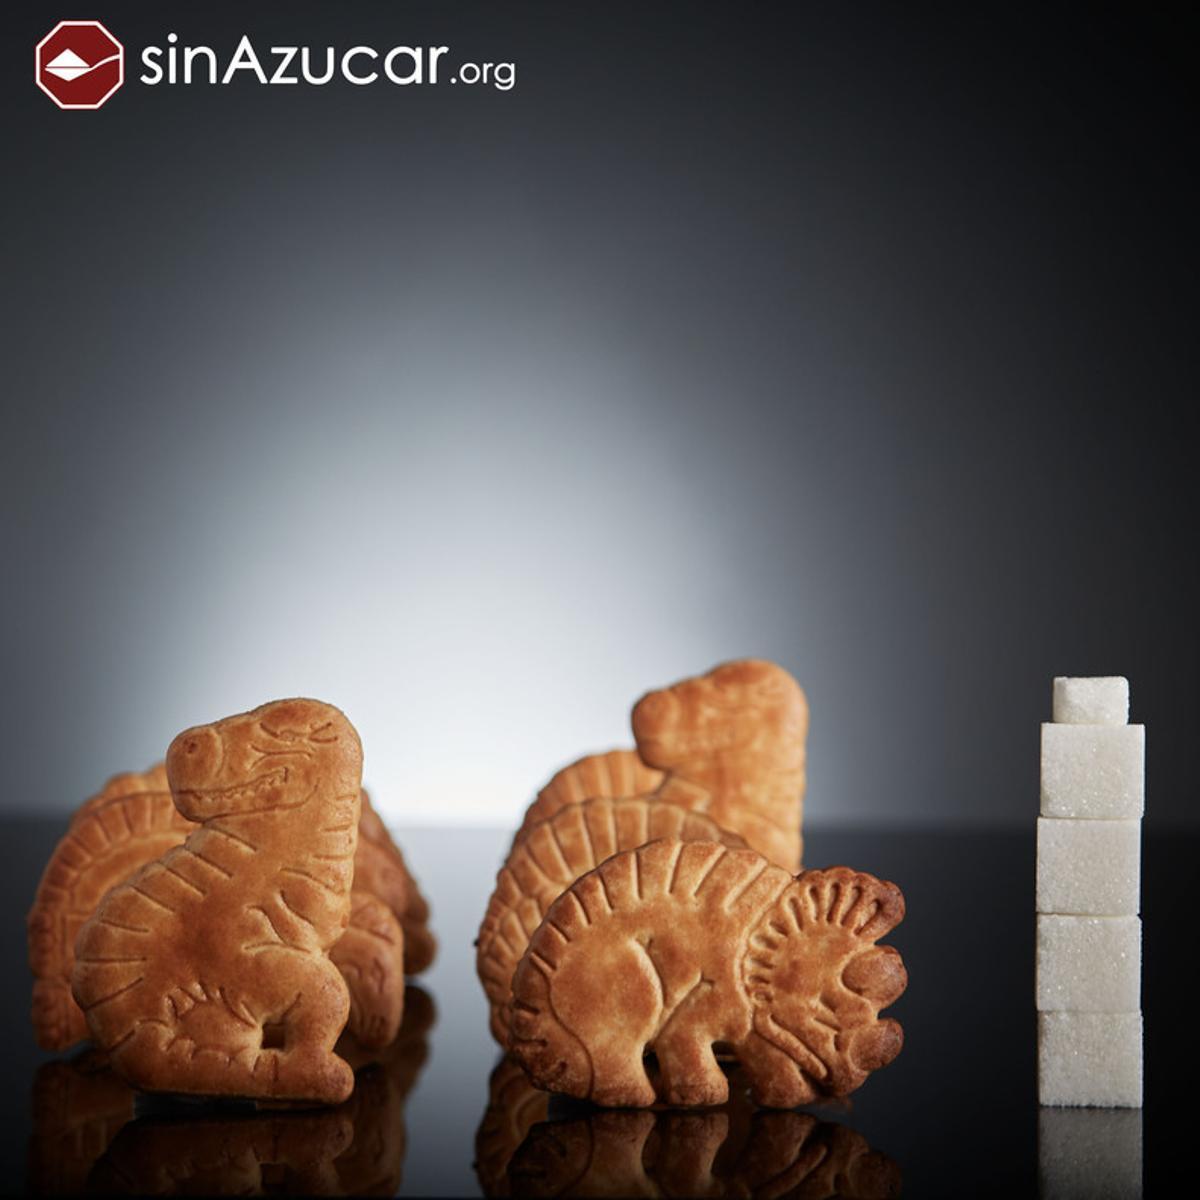 8 galletas Dinosaurus tienen 16,8 gr de azúcar, lo que equivale a 4,2 terrones.